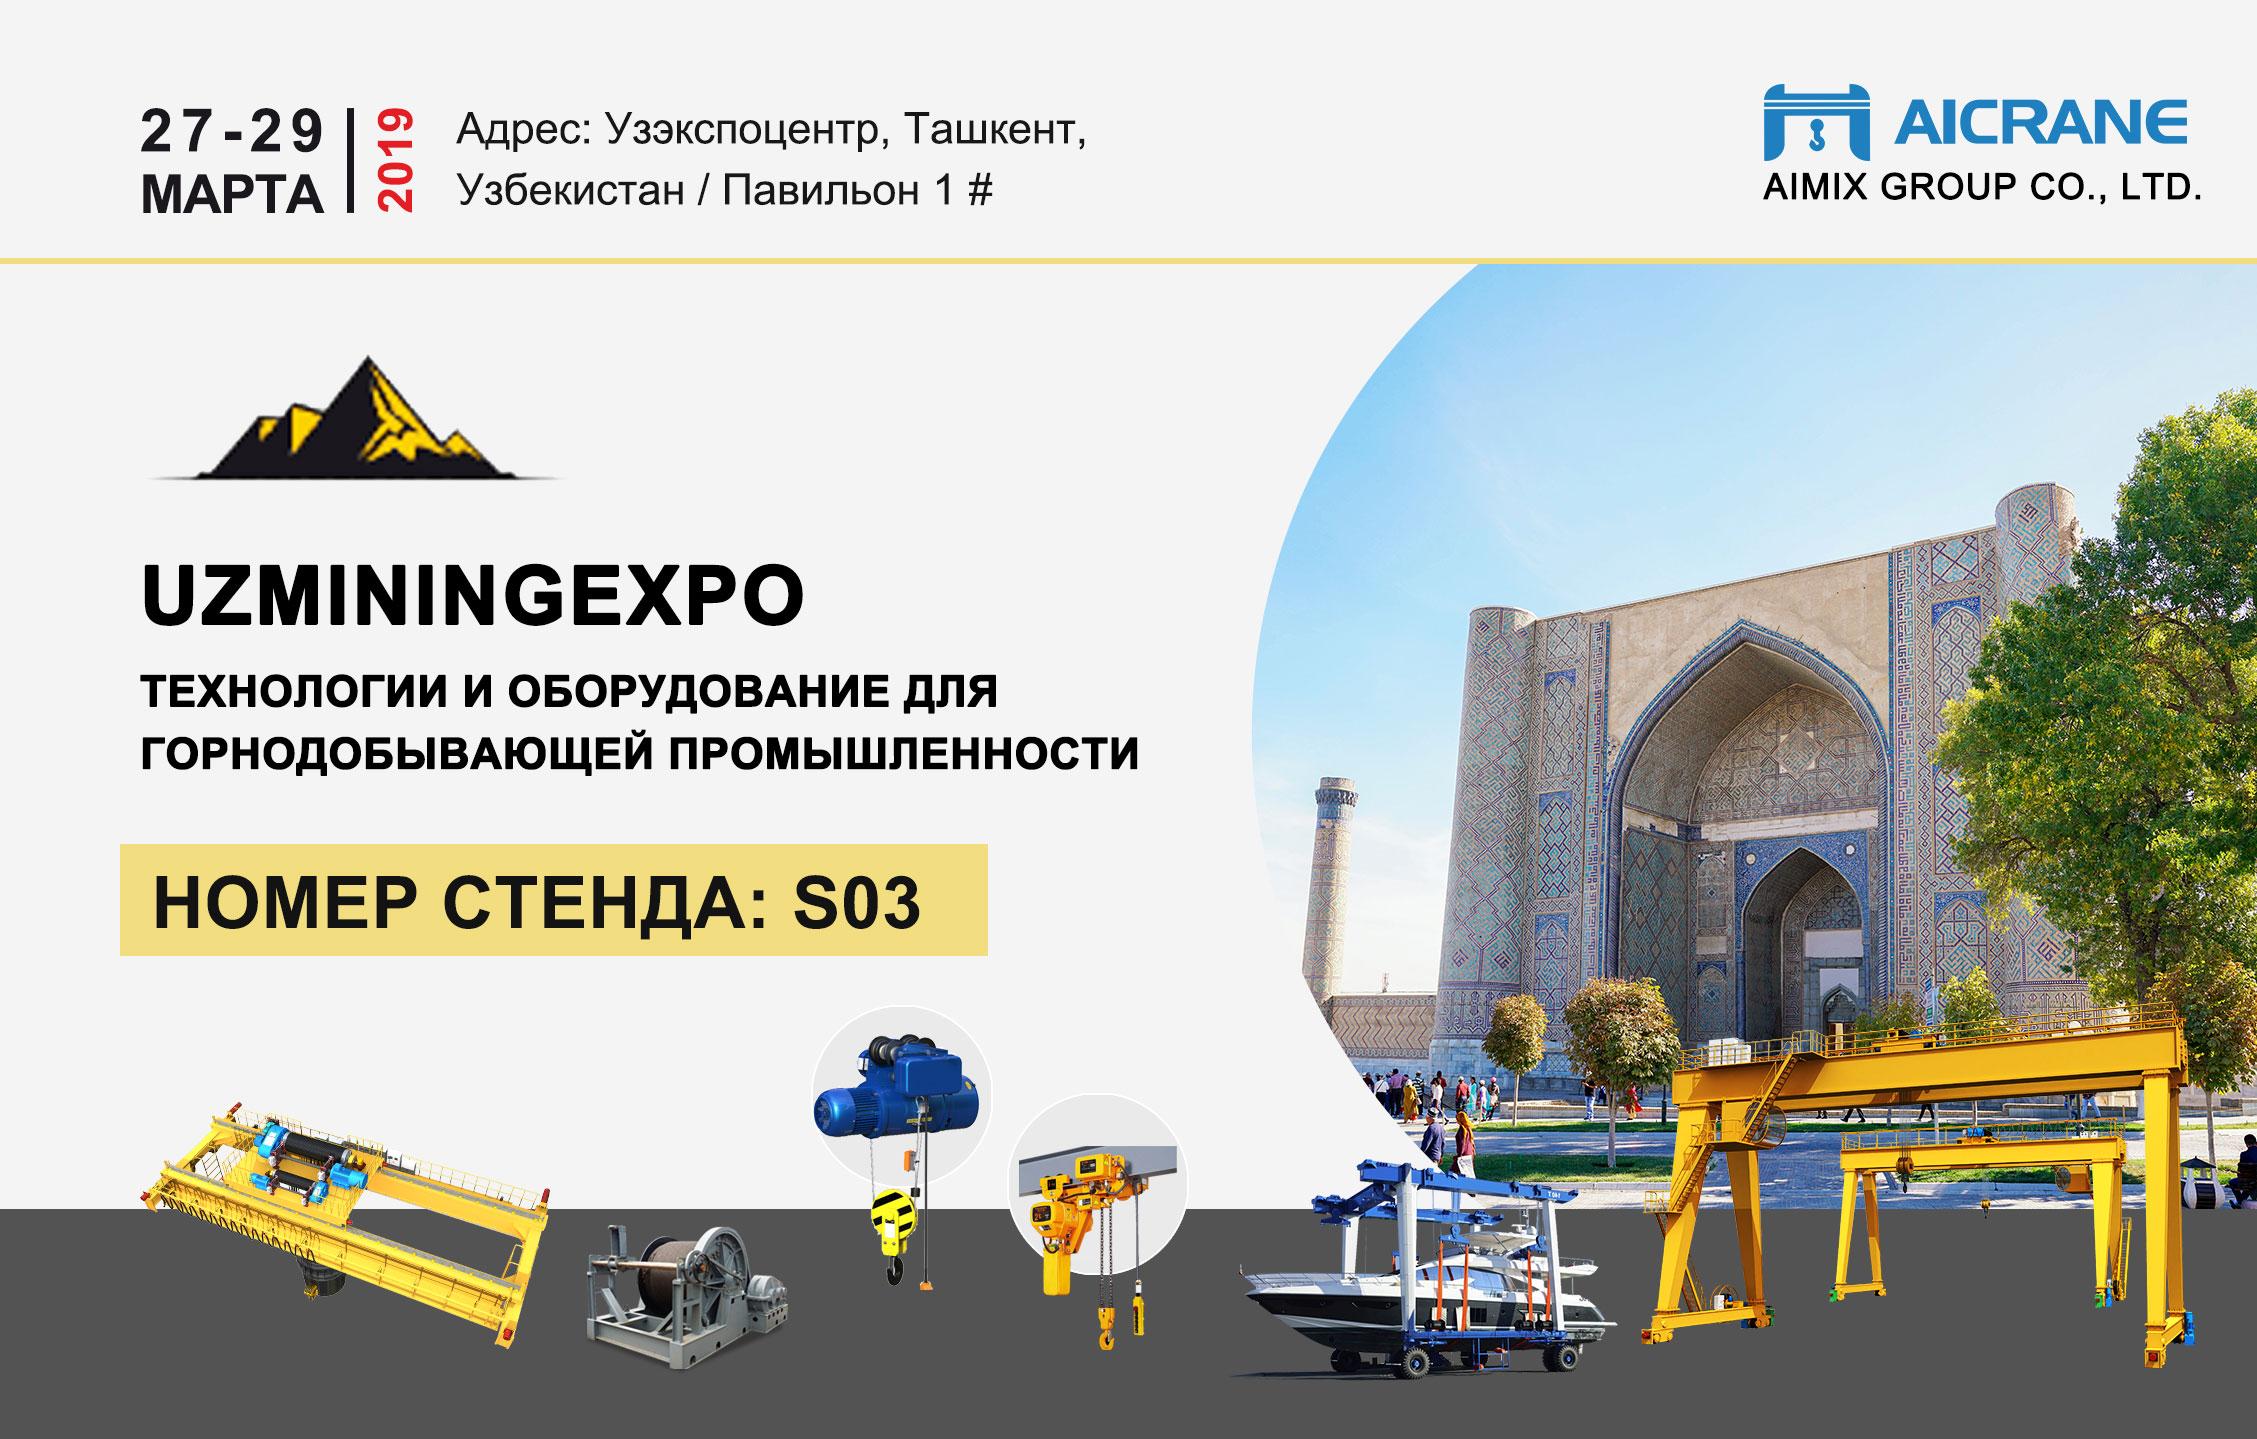 UzMiningExpo 2019 Стенд S03 выставка мостовых козловых кранов